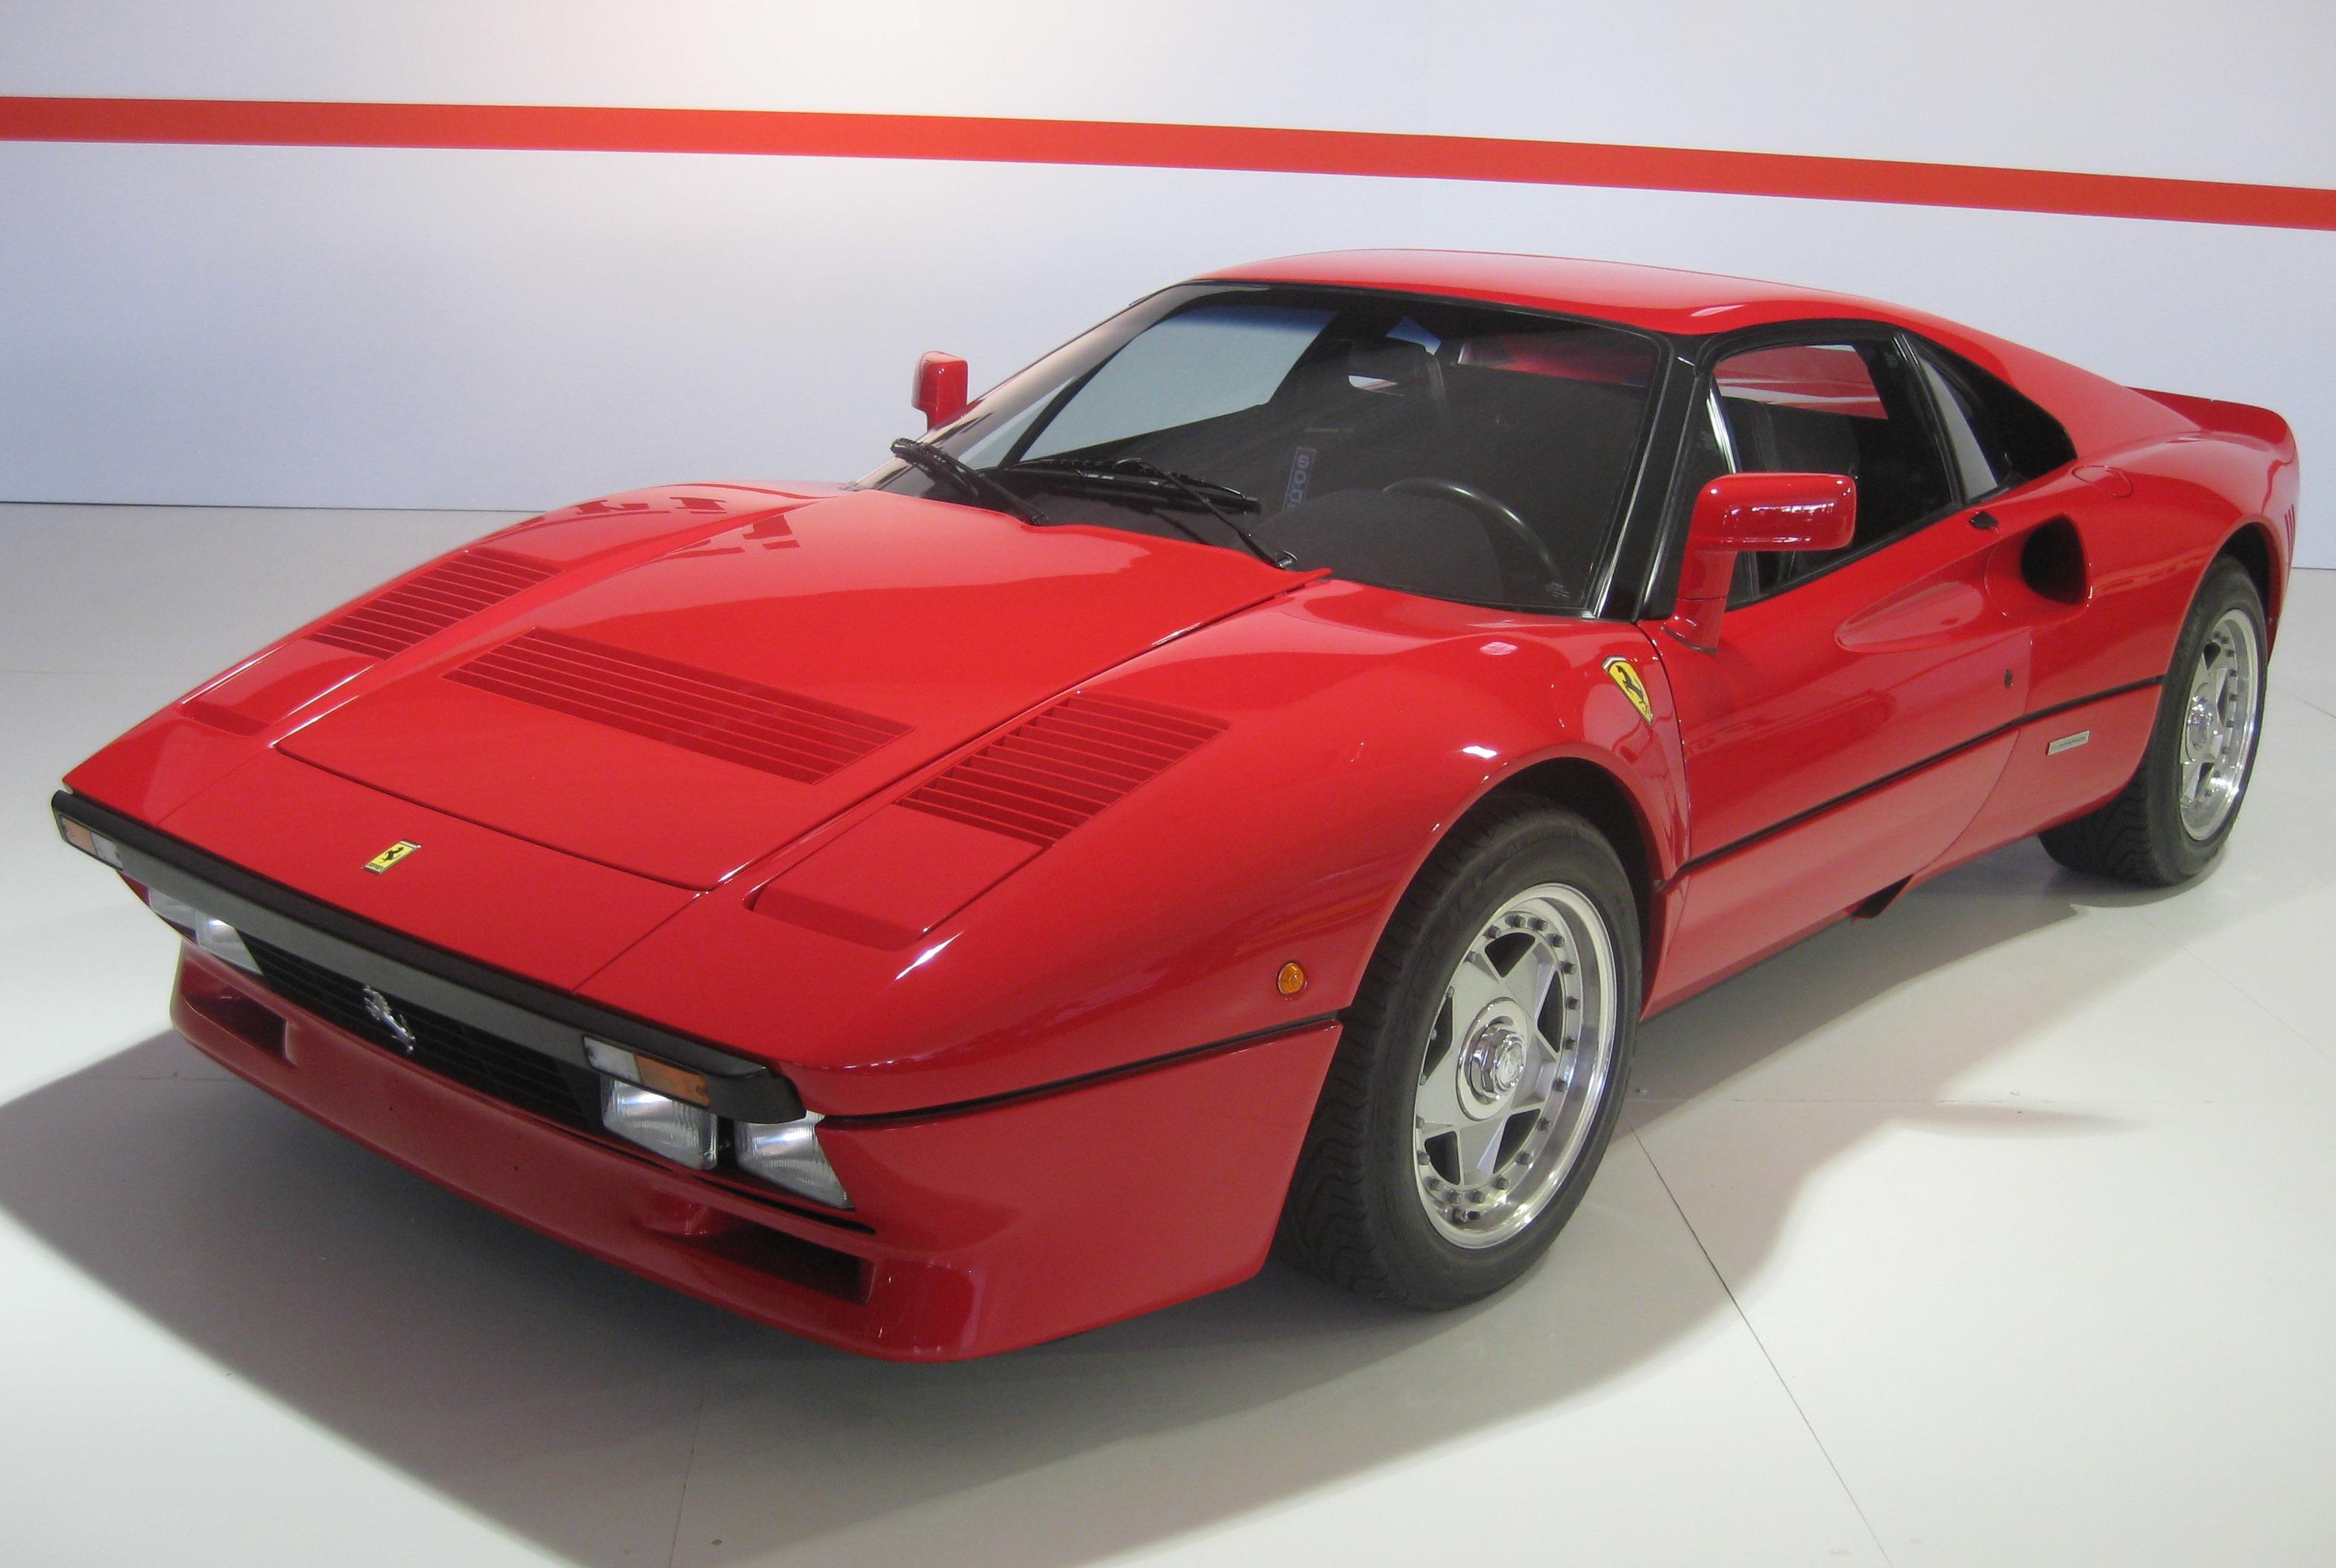 Ferrari 288 GTO - Wikipedia